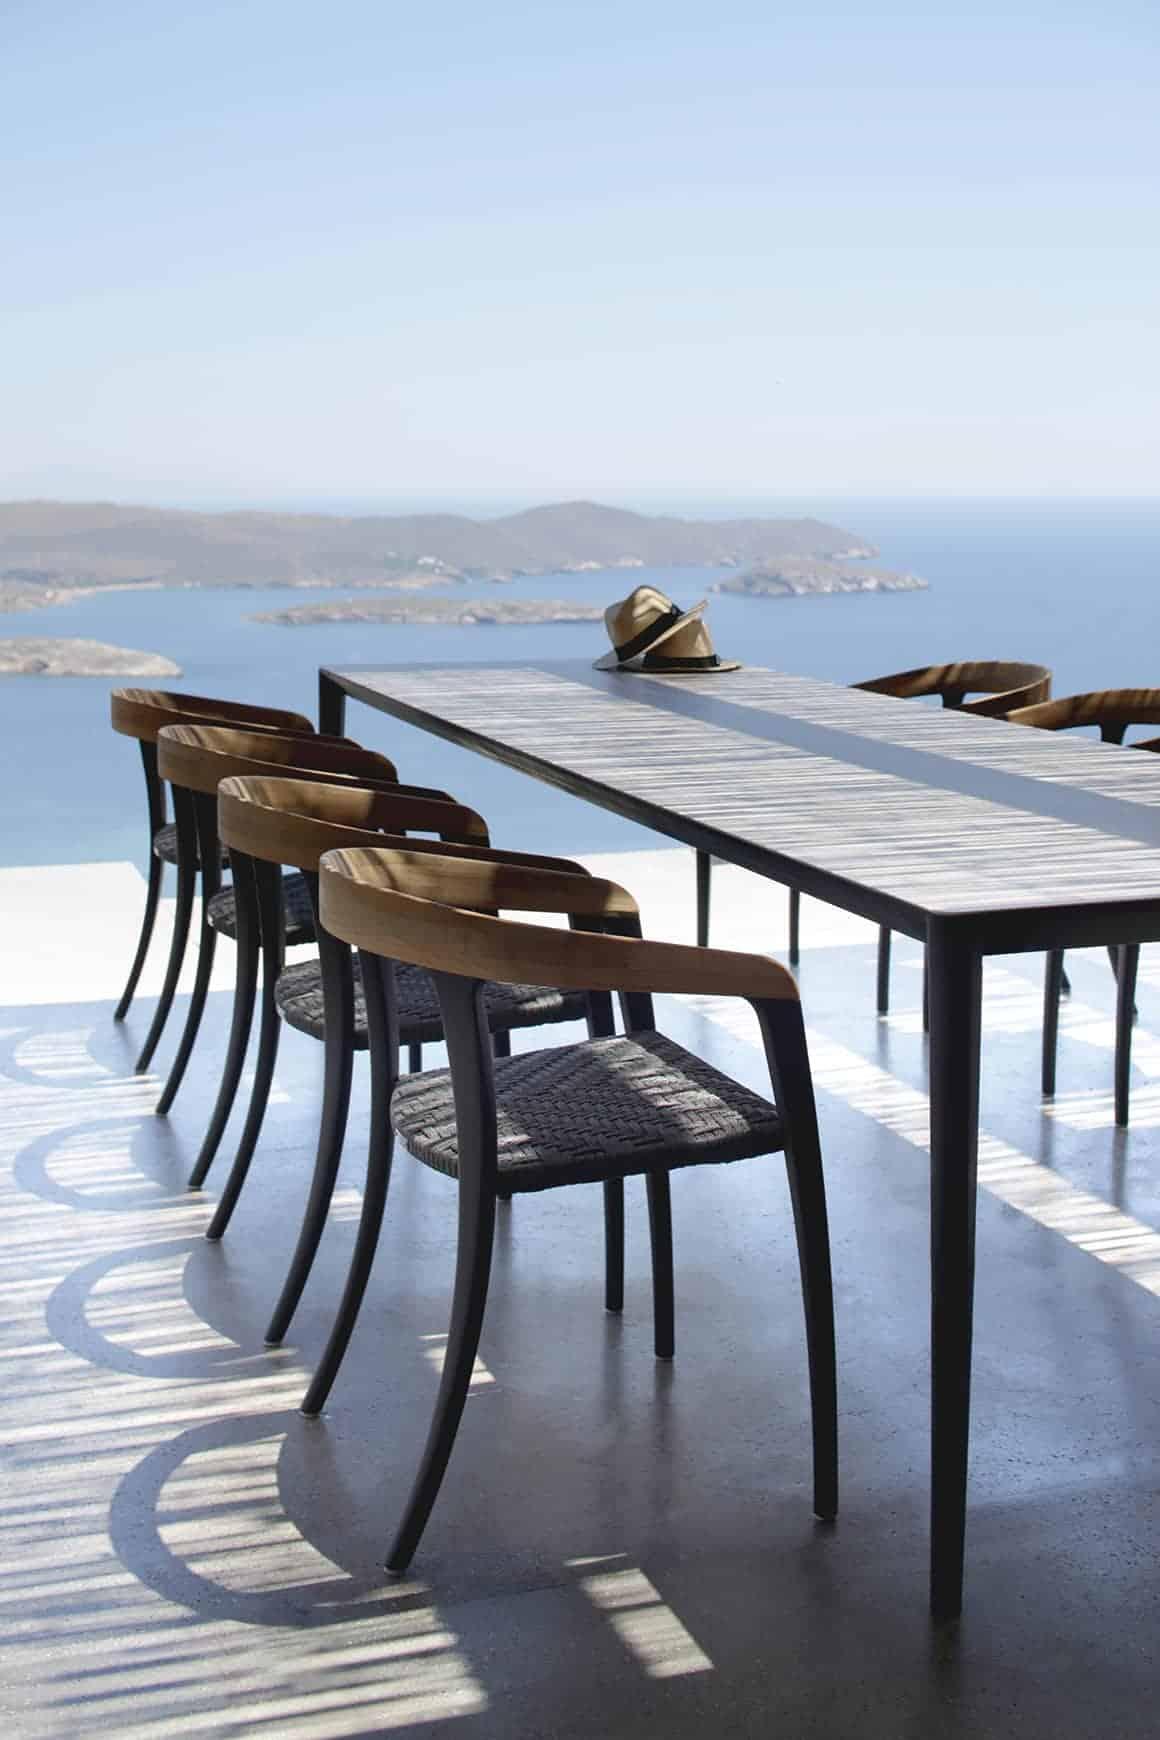 Collection d'assises Jive, mêlant le teck, l'aluminium et les fibres d'oléfine. H 73,5 x P 55 x L 53 cm. Design Kris van Puyvelde. ©Royal Botania